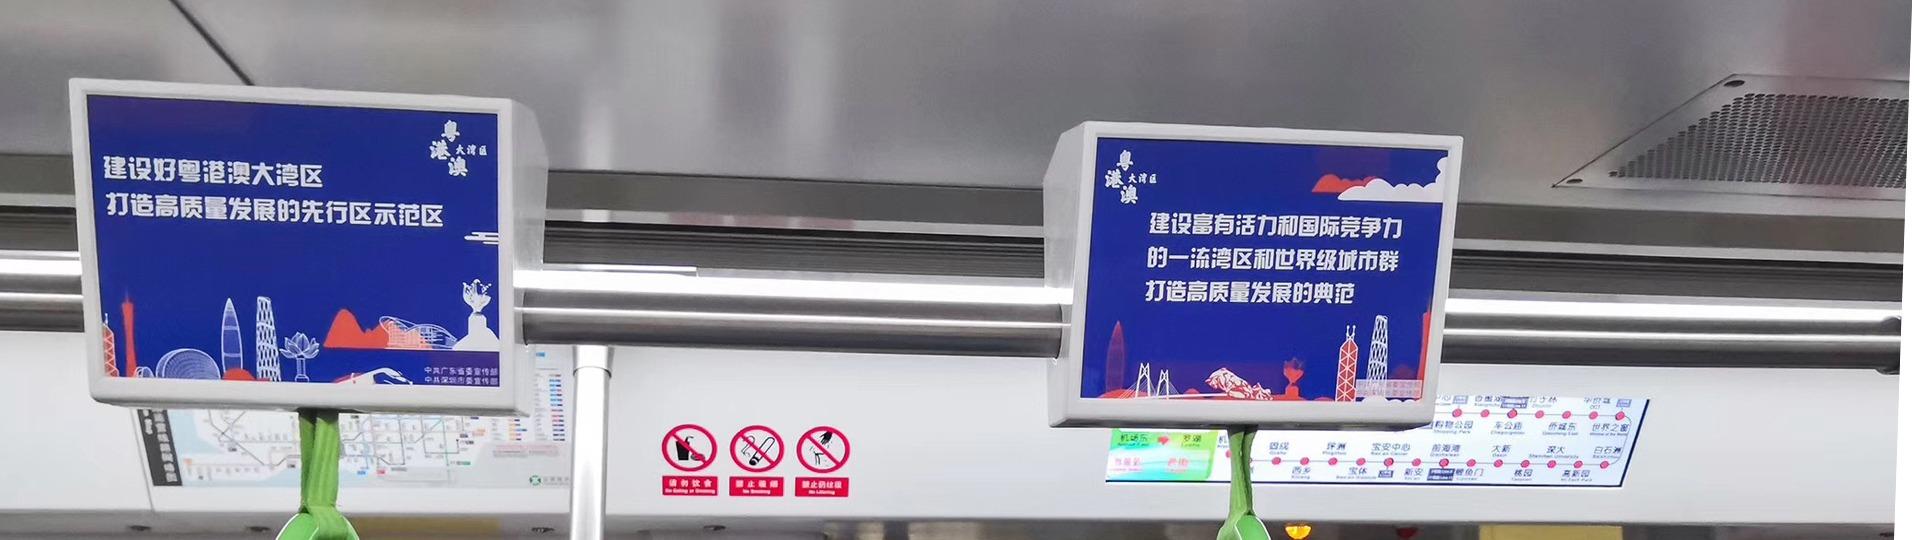 深圳地铁拉手广告